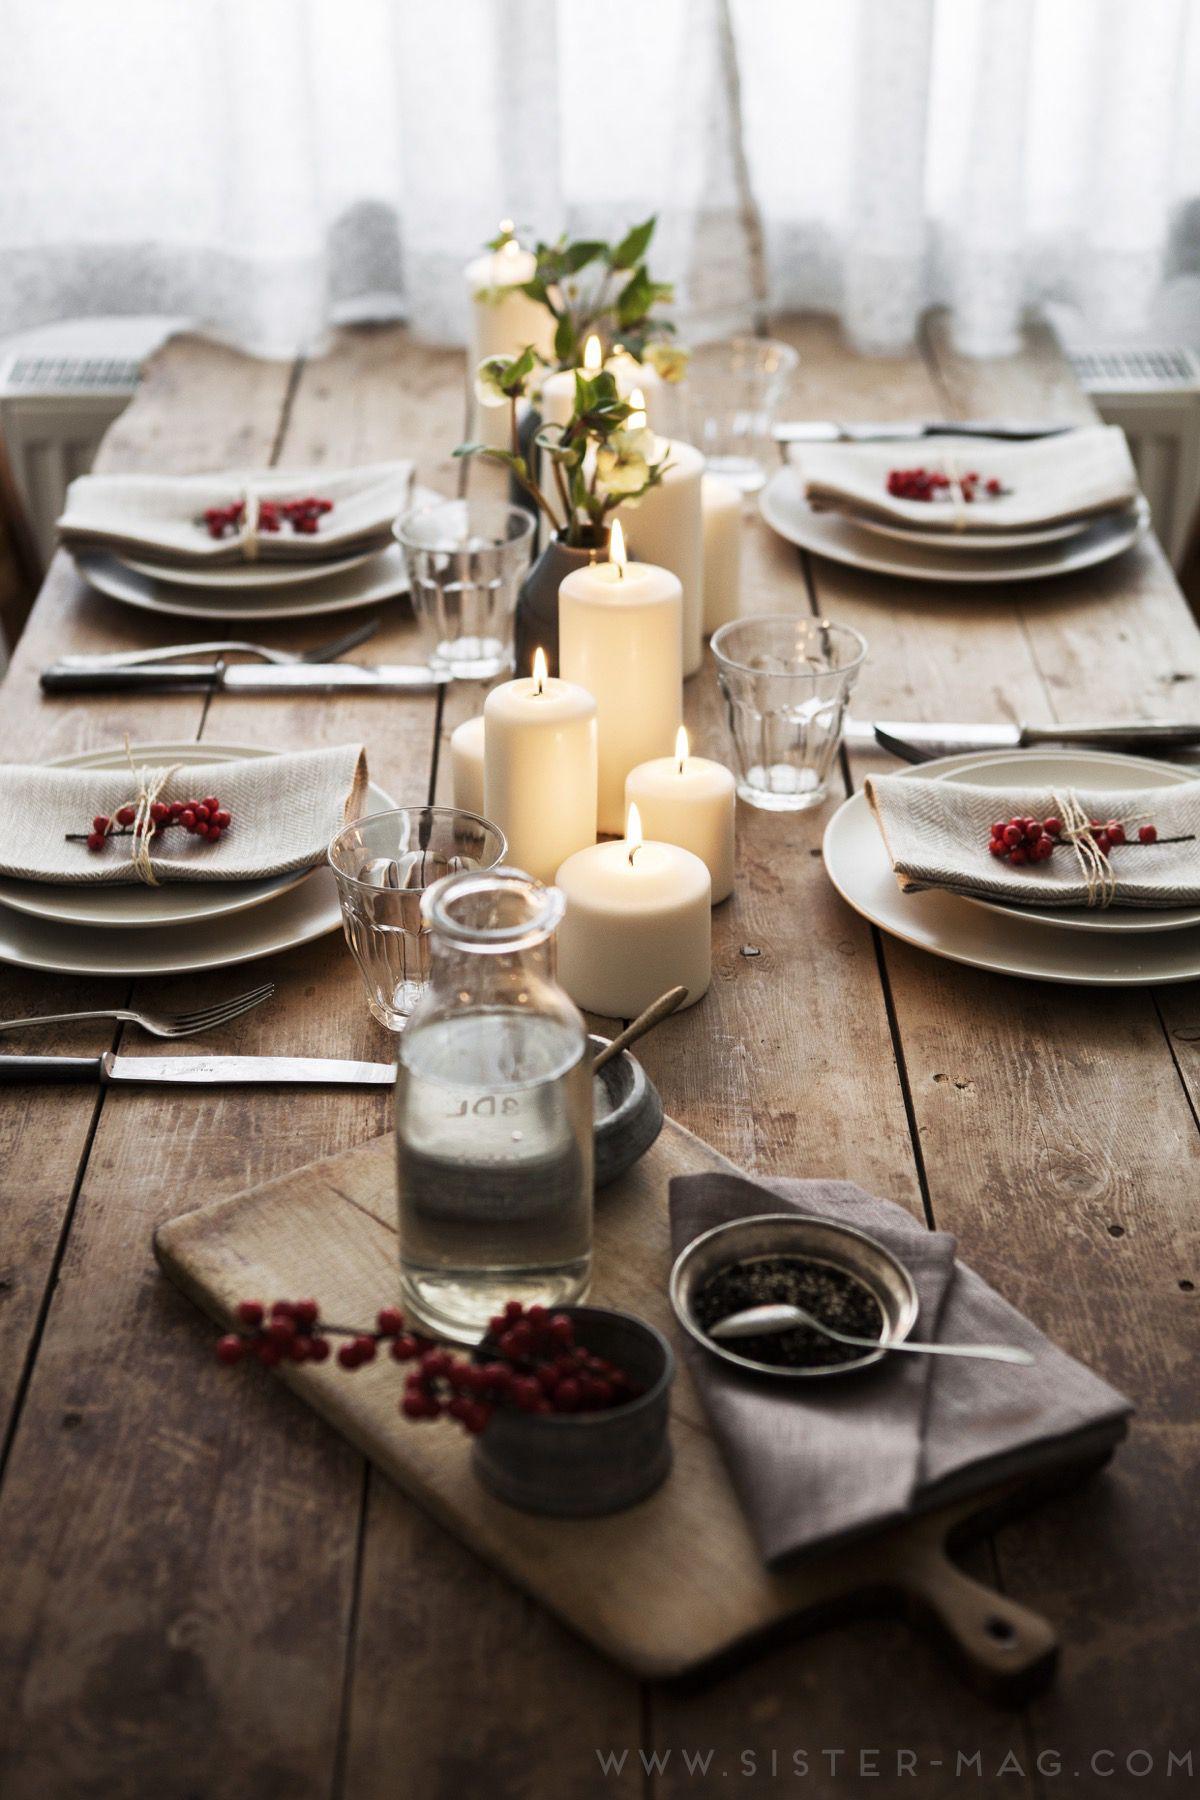 sistermag ausgabe 16 lesen tisch und tischdeko. Black Bedroom Furniture Sets. Home Design Ideas